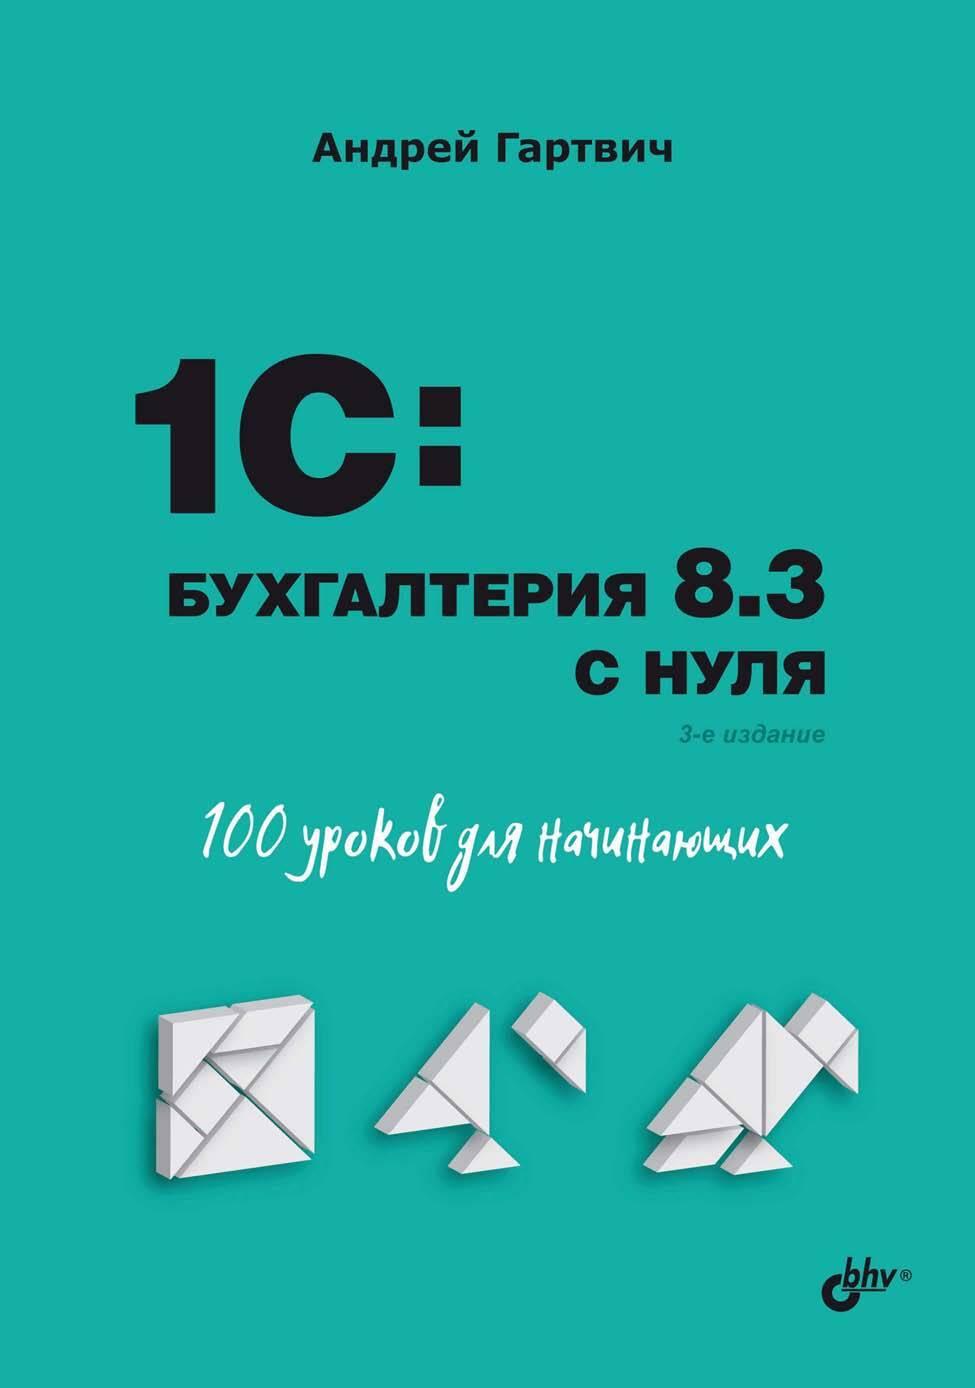 Андрей Гартвич 1С:Бухгалтерия 8.3 с нуля. 101 урок для начинающих гартвич а задачи современного бухгалтера и их решение в 1с бухгалтерии 8 3 самоучитель